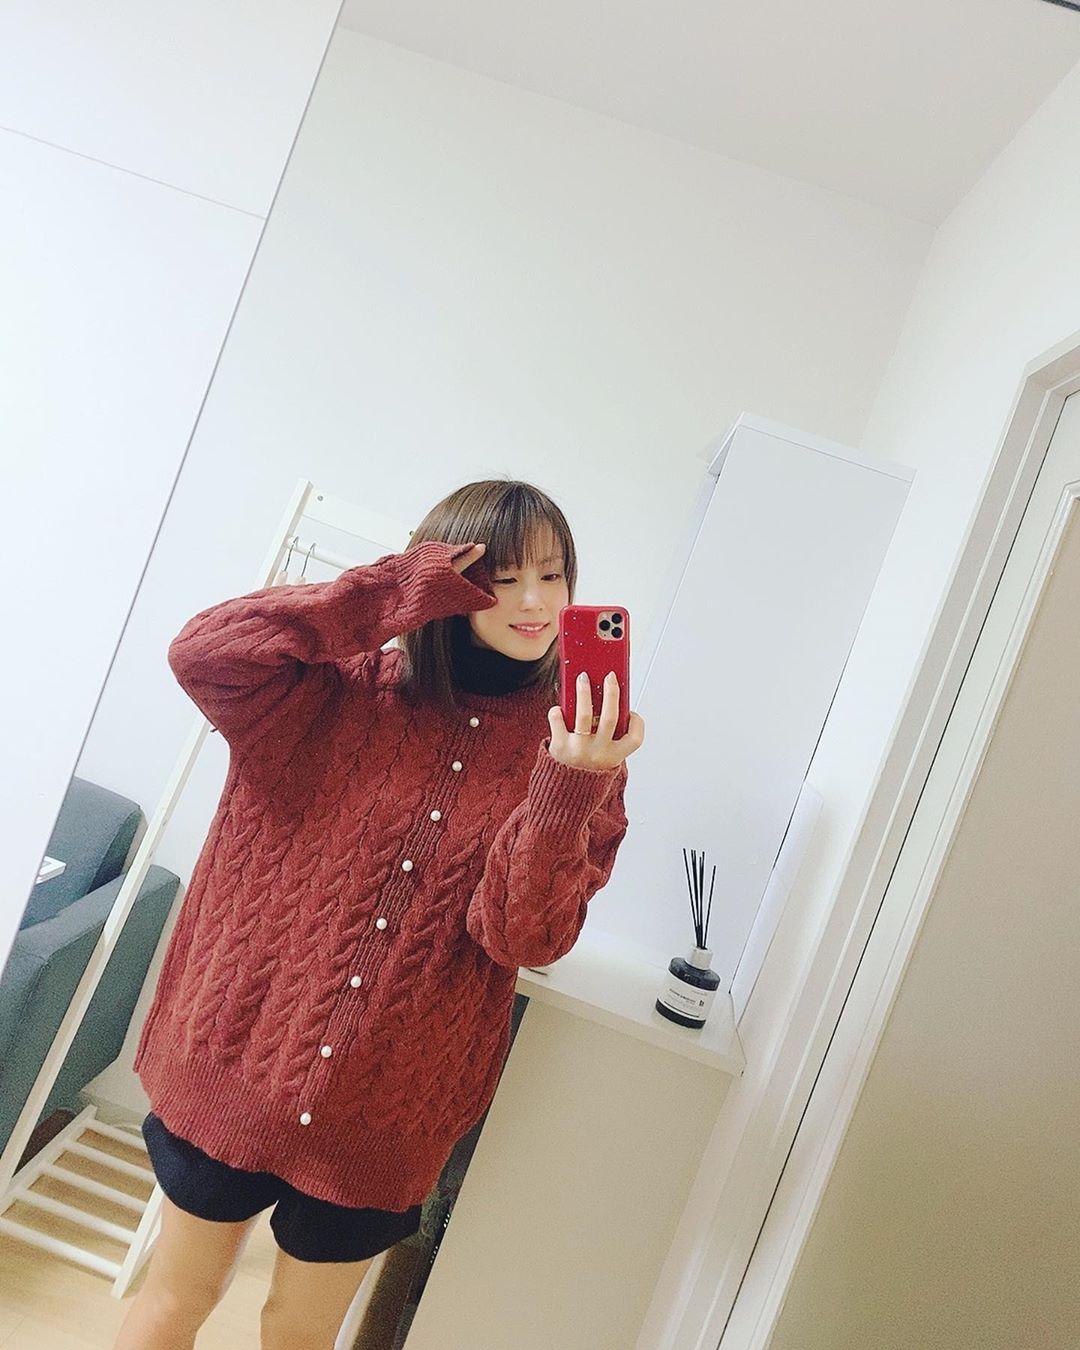 inudou_minori100.jpg